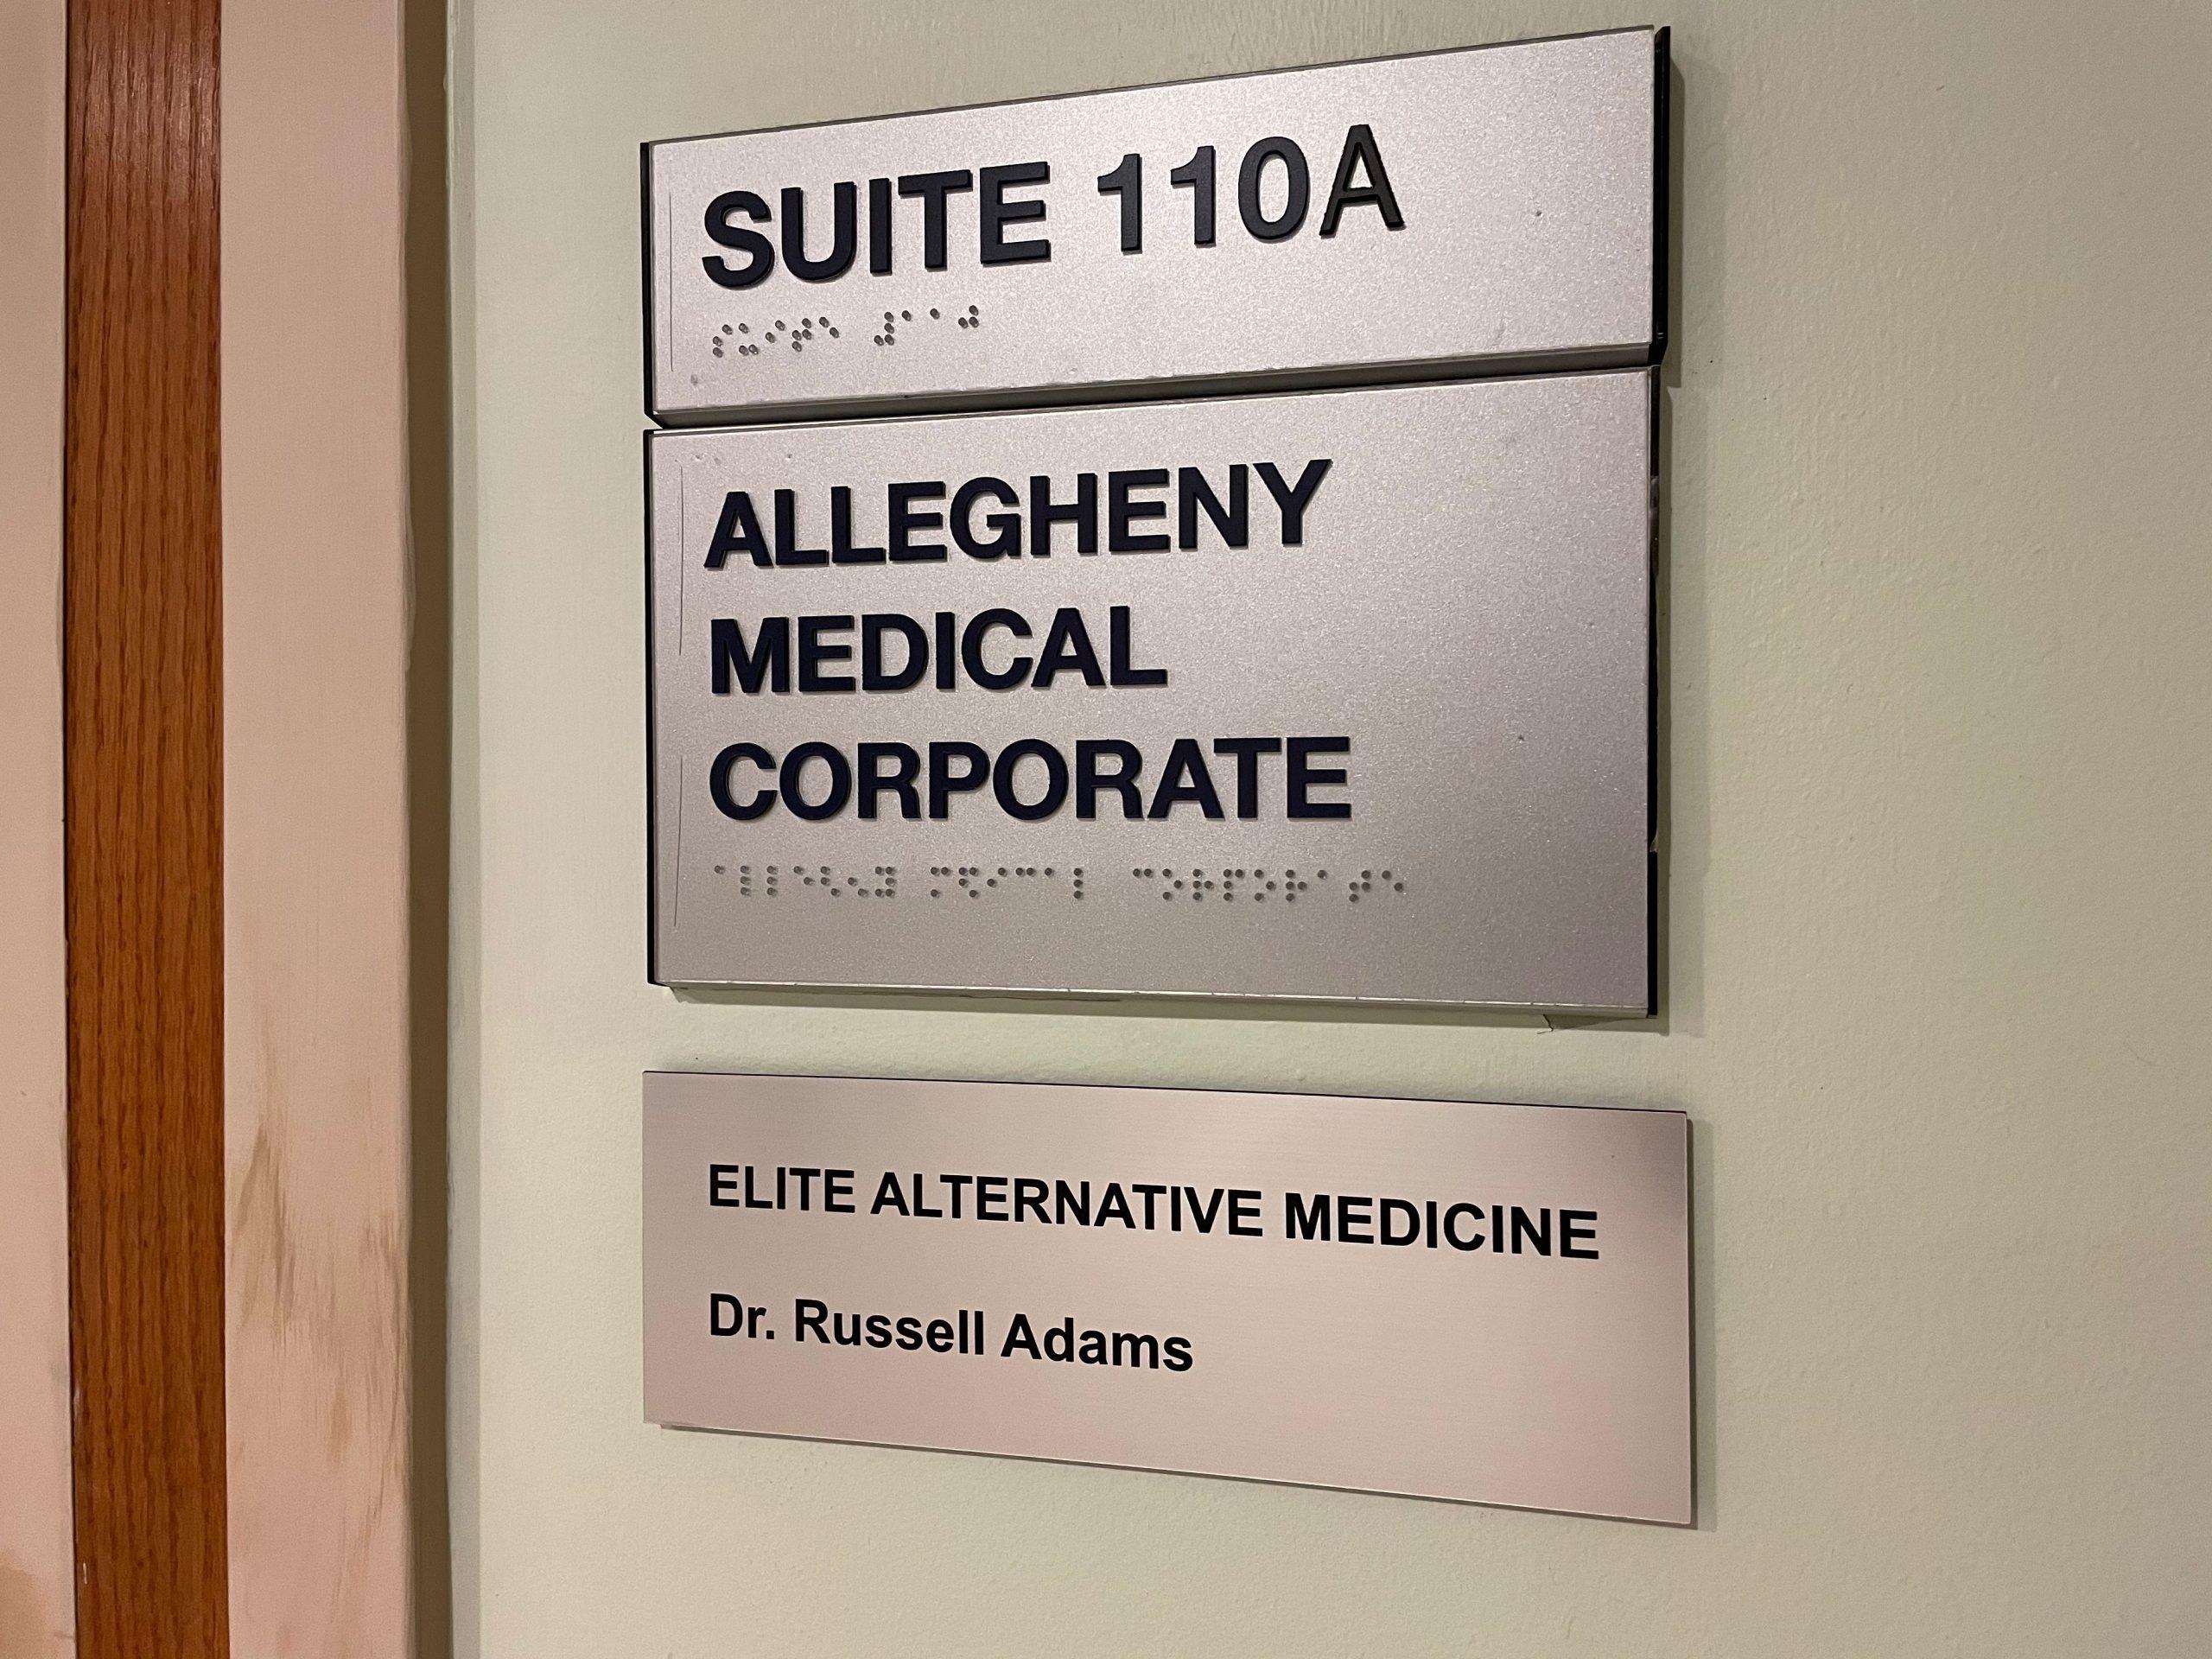 Elite Alternative Medicine Office - Suite 110A